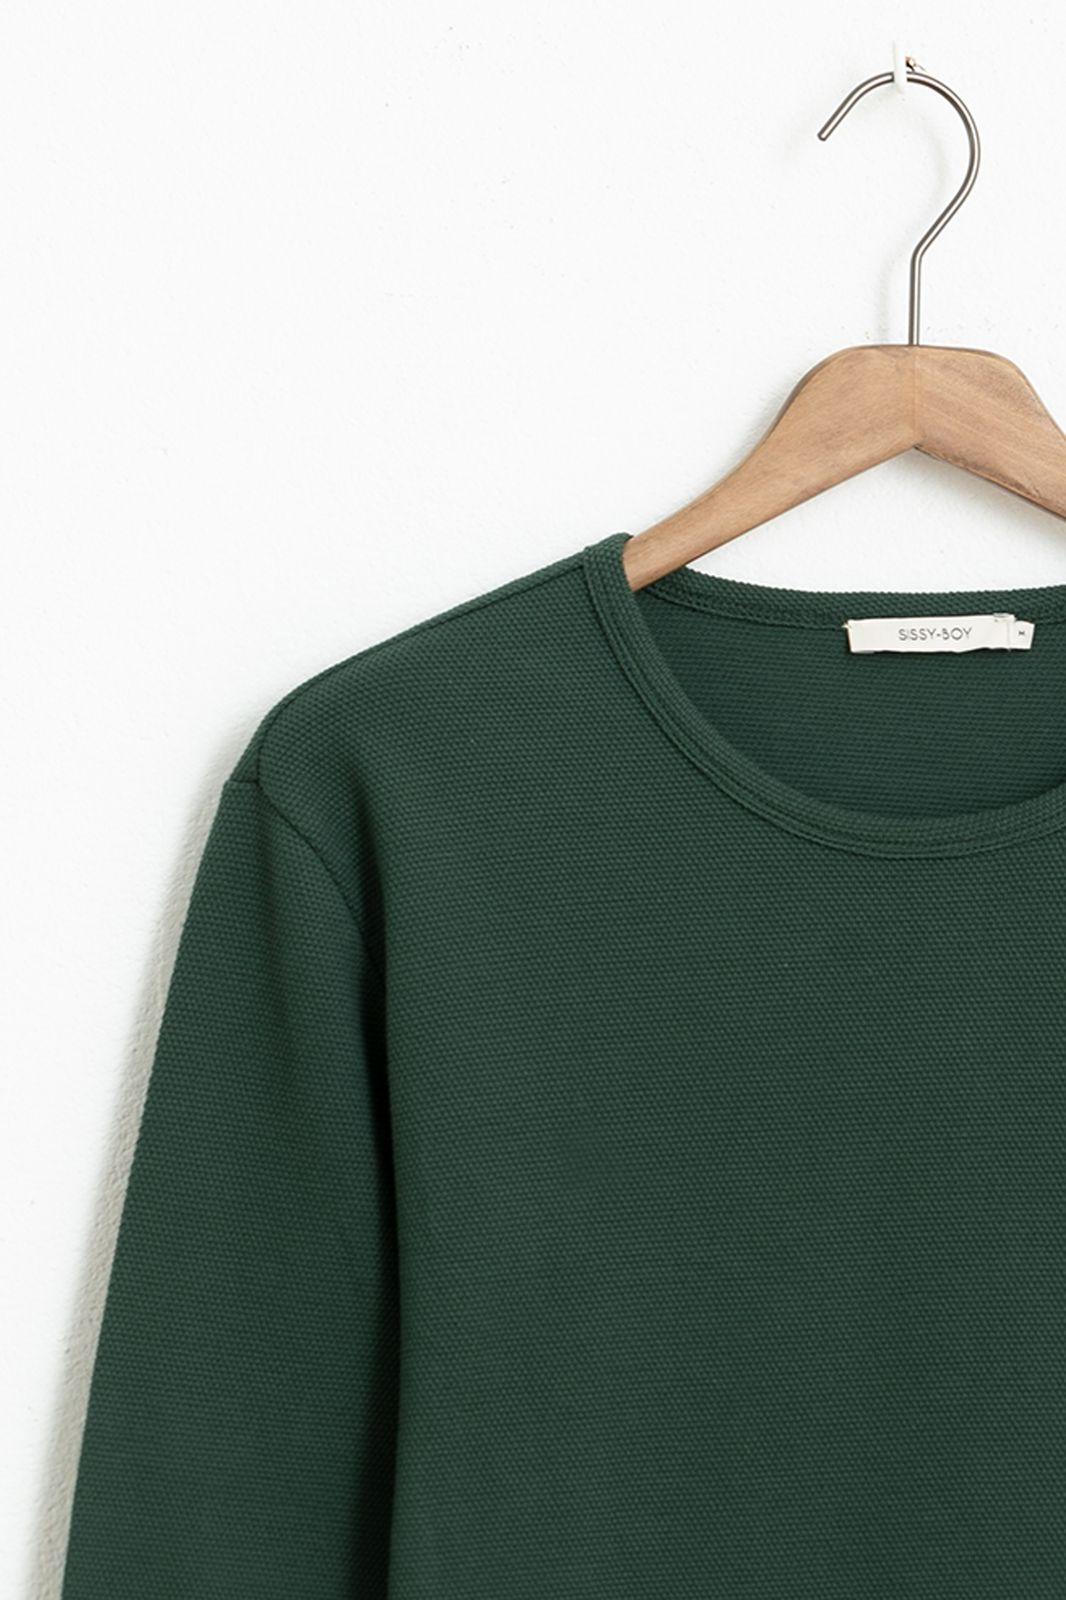 Groen T-shirt structuur